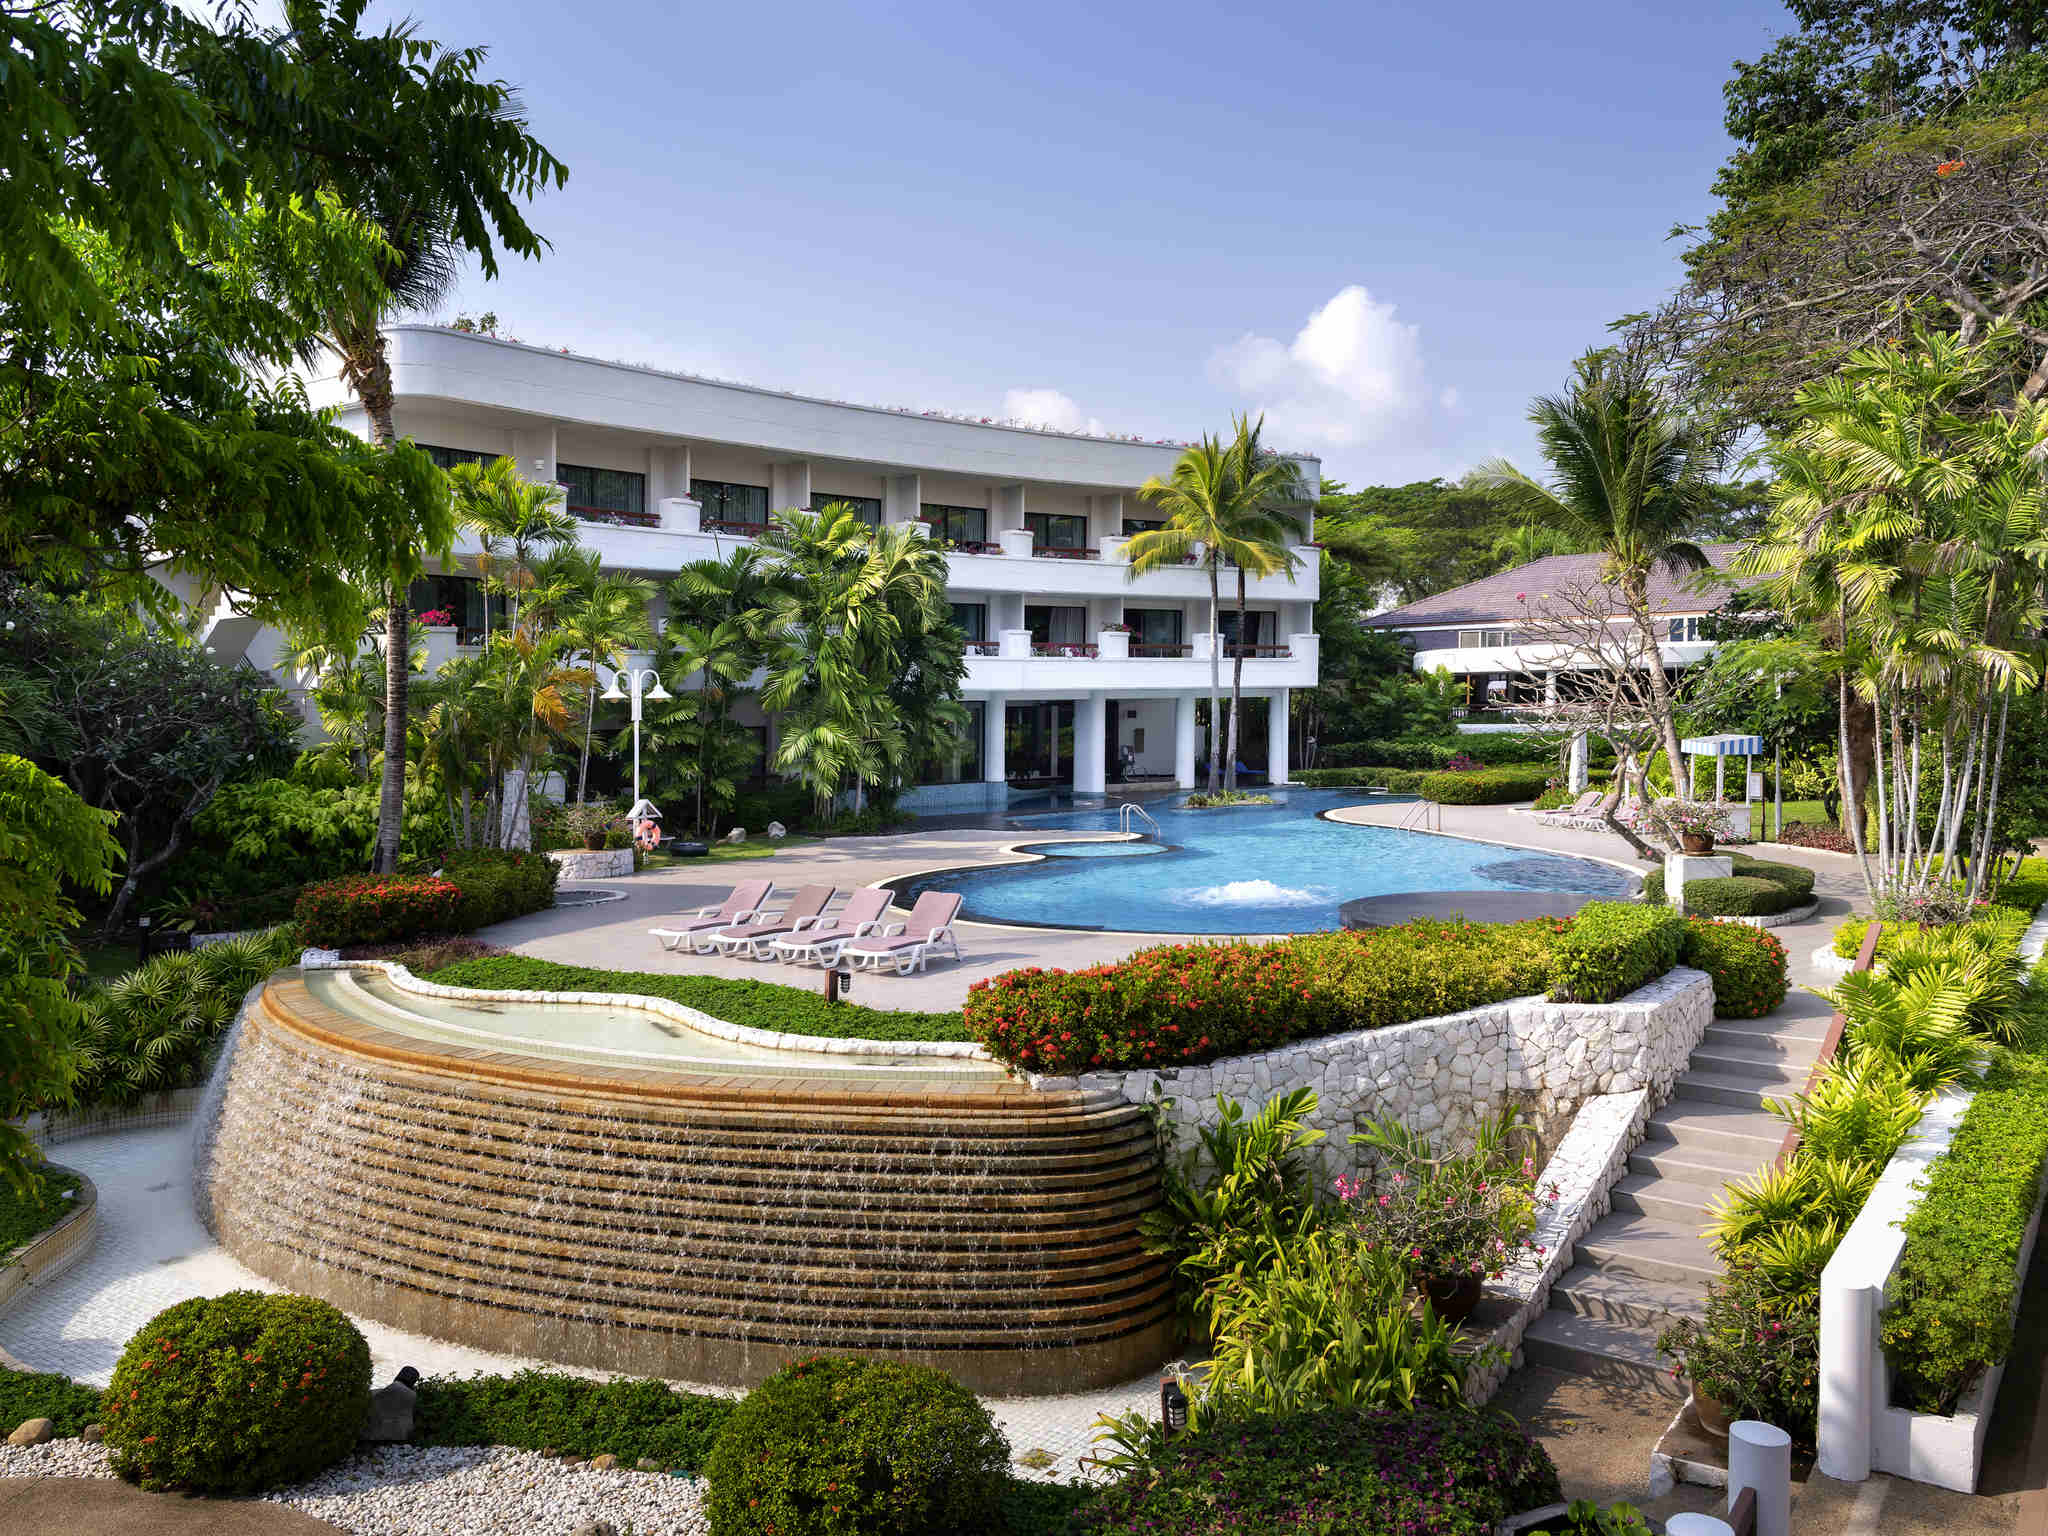 โรงแรม – โนโวเทล ระยอง ริมเพ รีสอร์ท